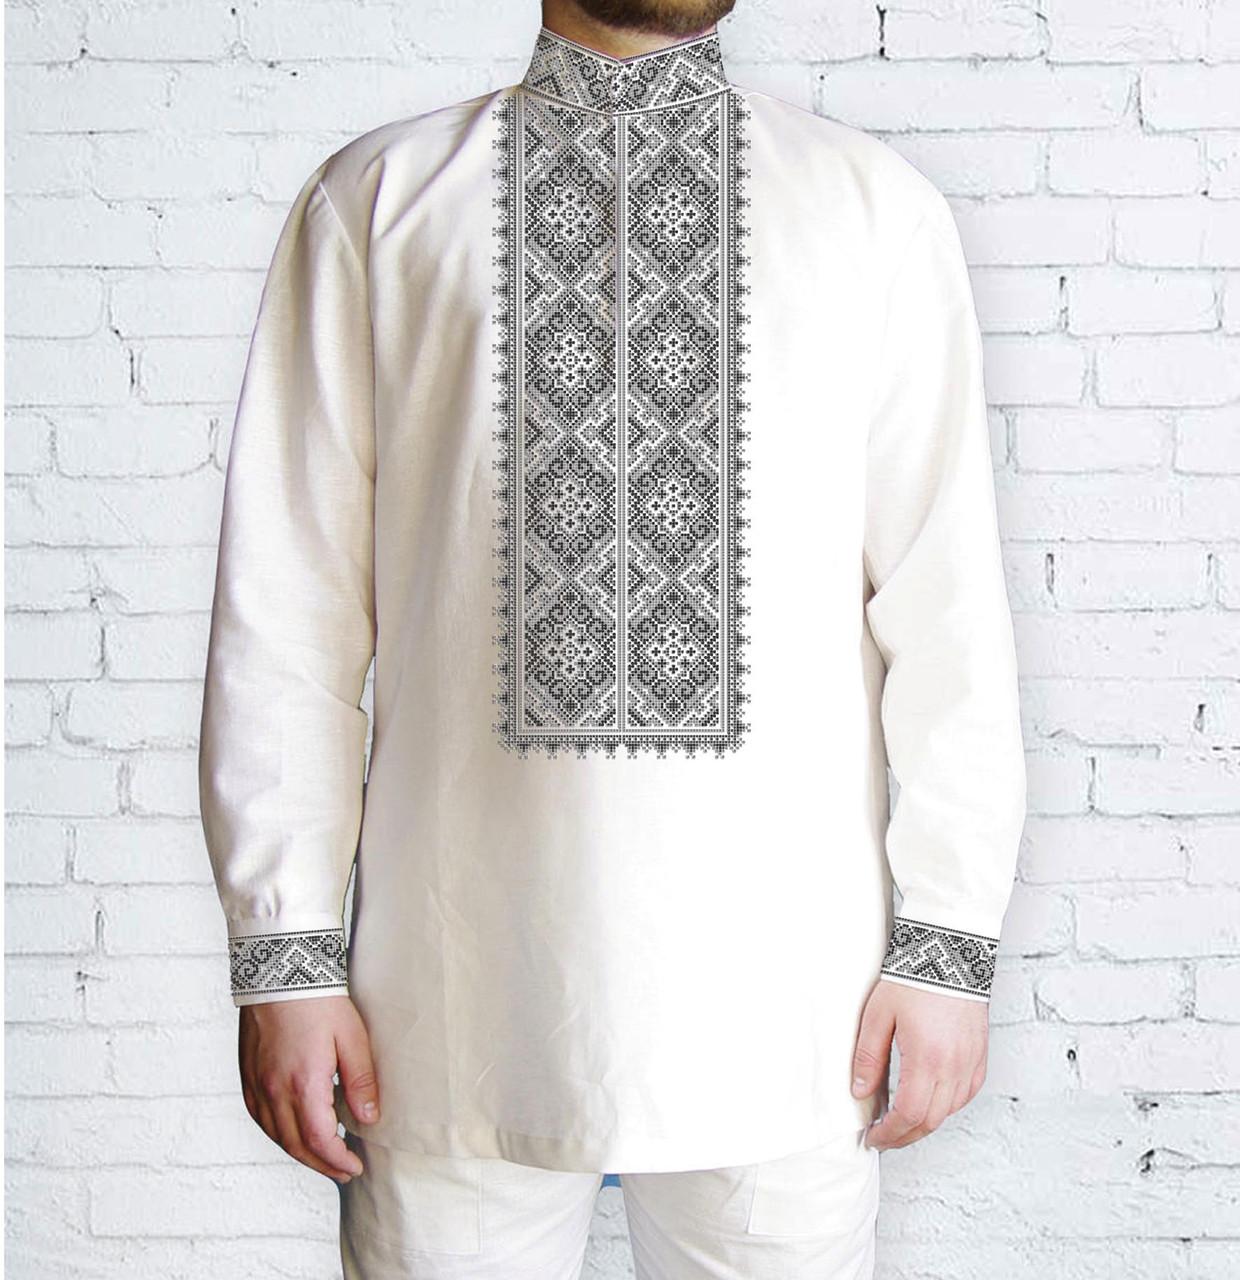 Заготовка чоловічої сорочки та вишиванки для вишивки чи вишивання бісером Бисерок «Орнамент 516 С» (Ч-516 С )